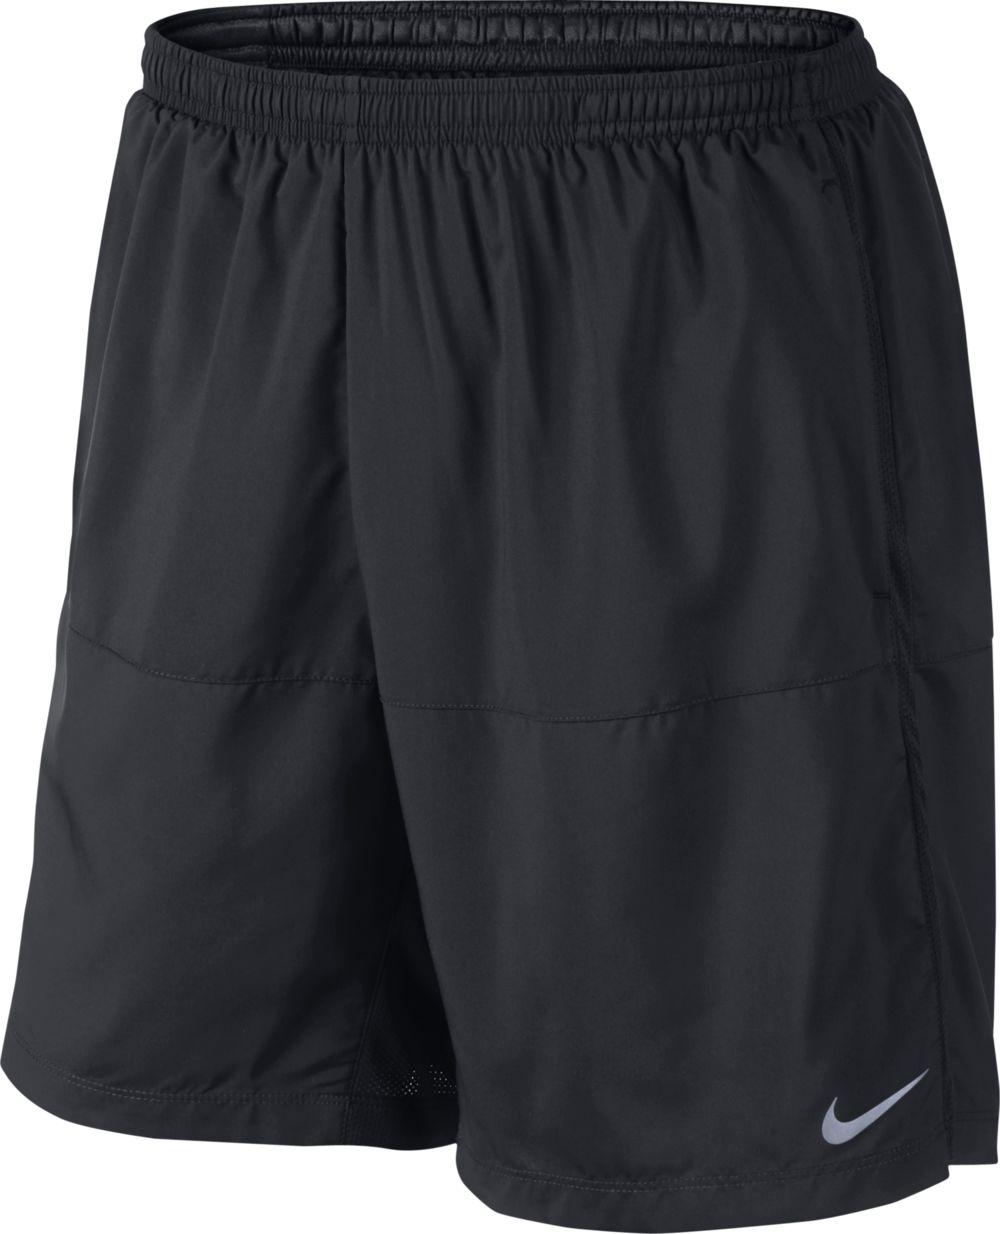 Nike 7 Inches Distance Short in Schwarz